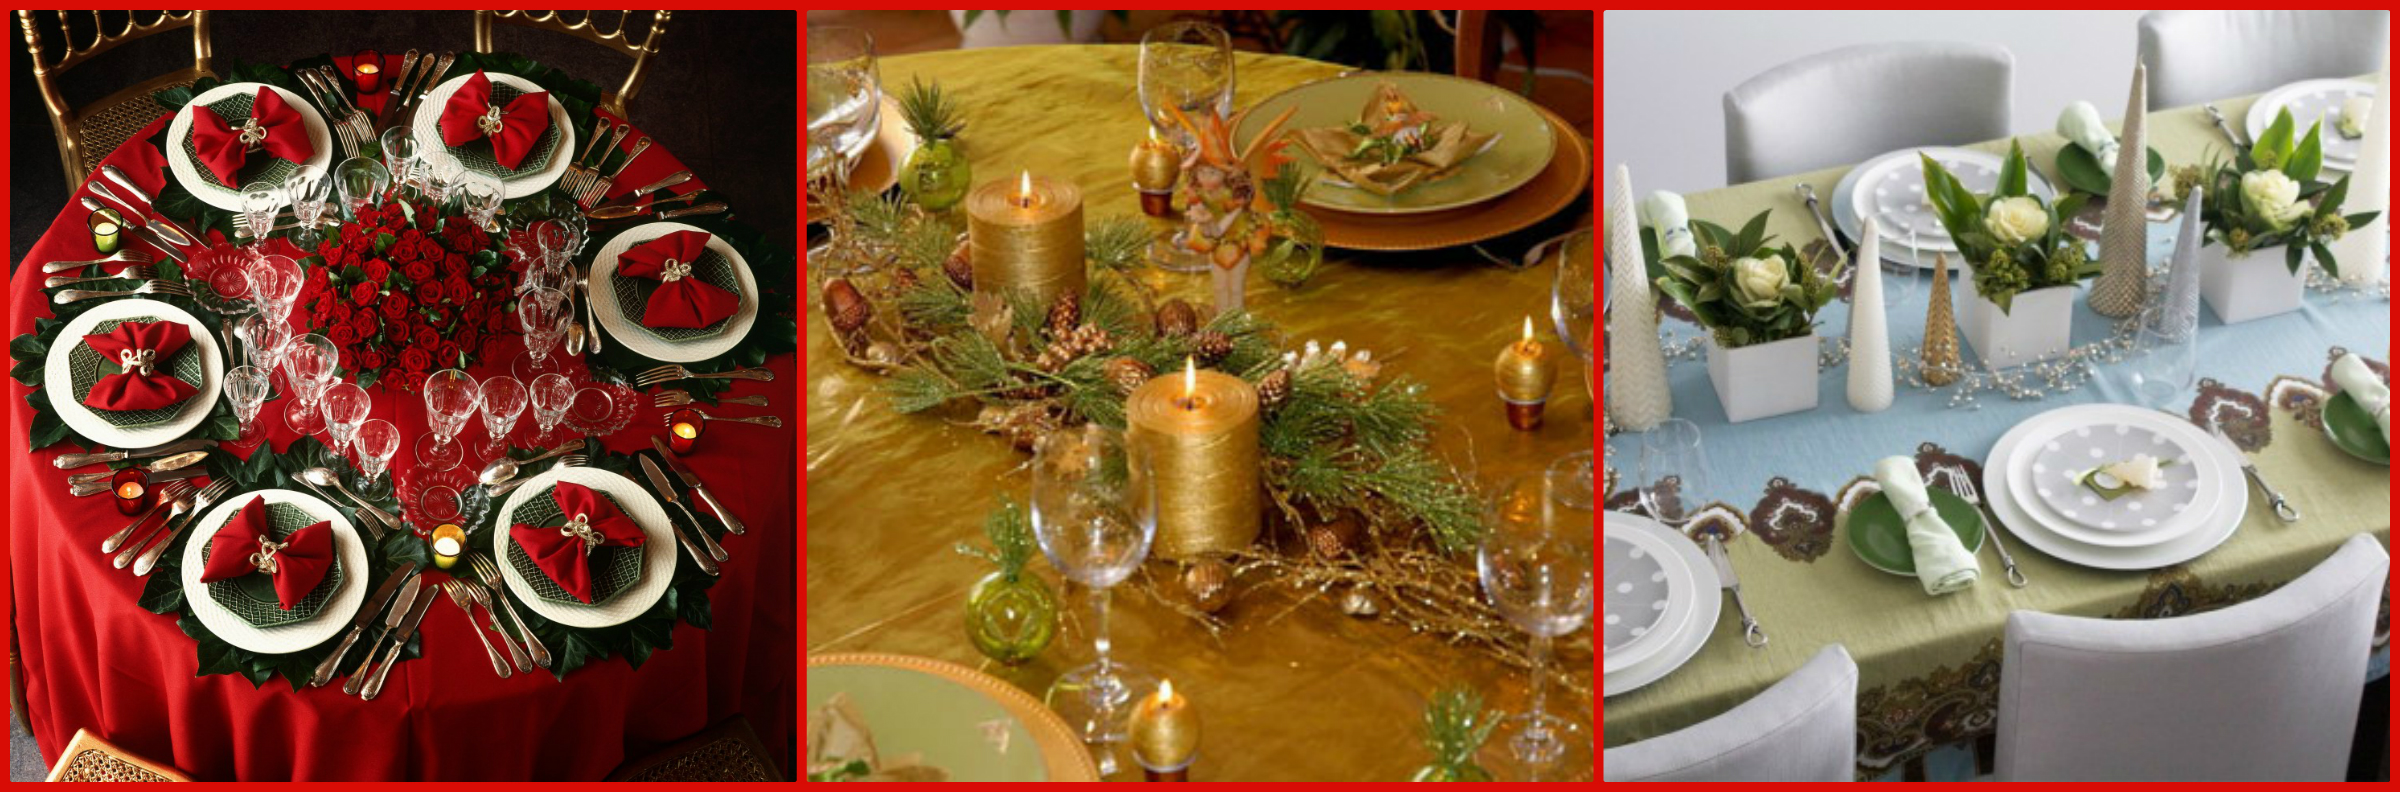 La tavola di natale idee e consigli per decorarla al meglio - Addobbi natalizi sulla tavola ...